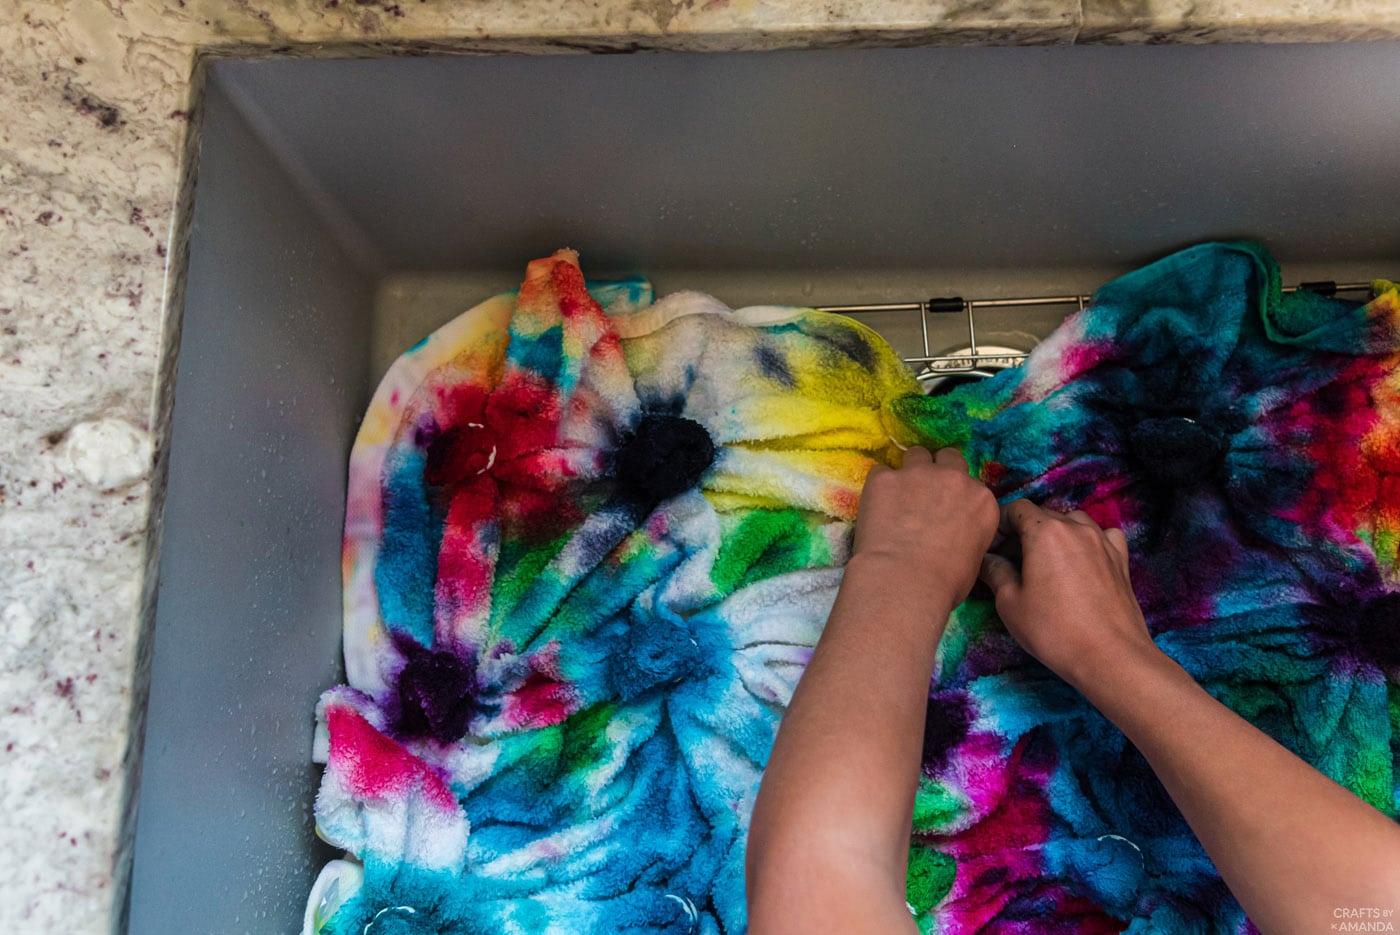 rinsing tie dye beach towels in the sink